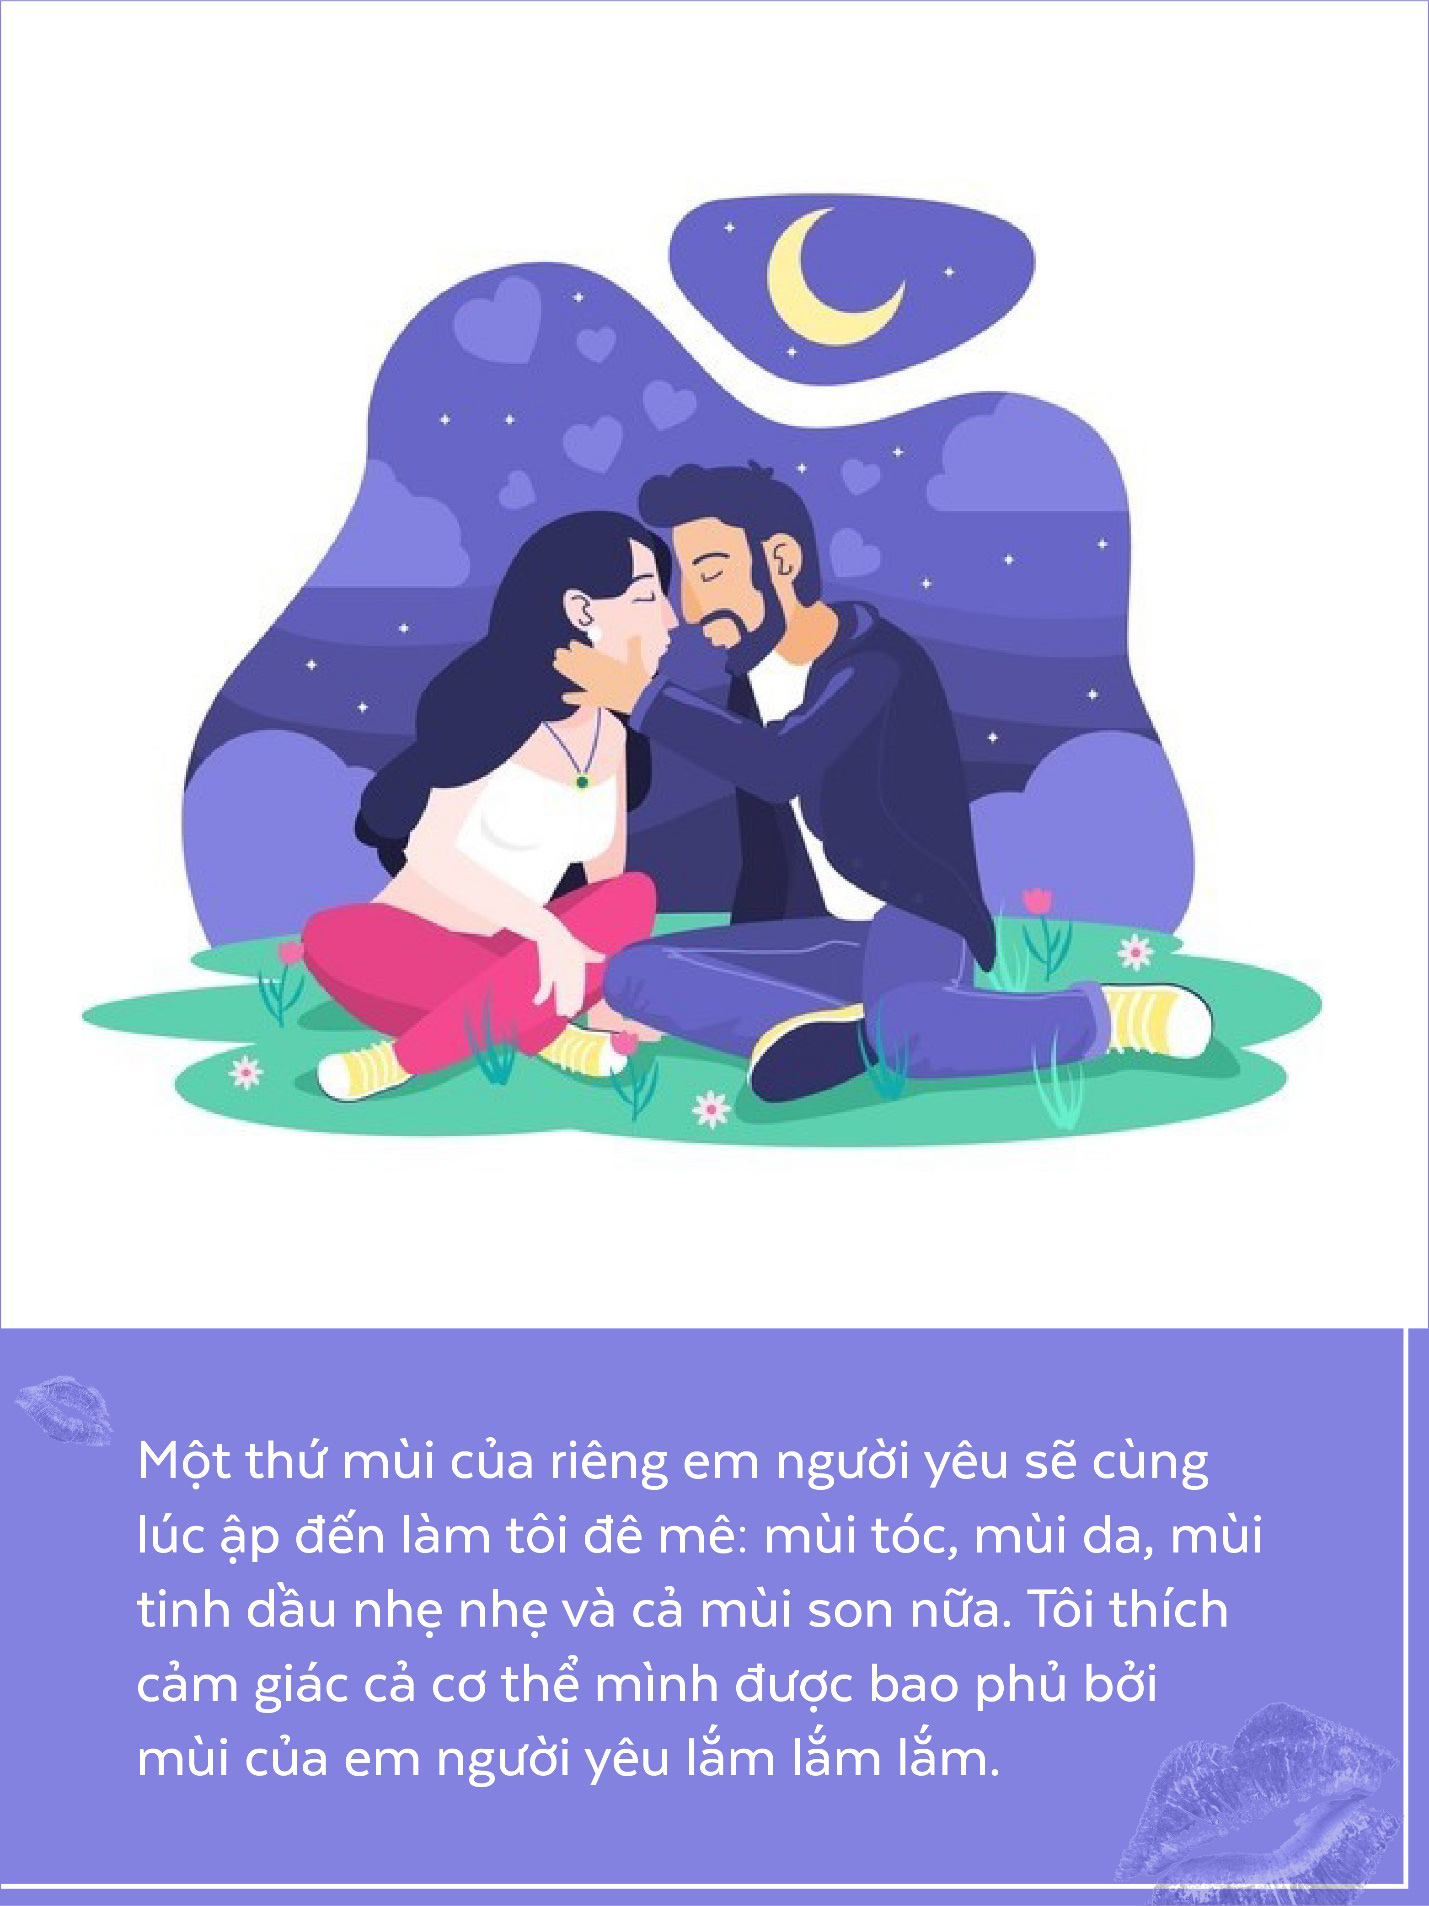 Nụ hôn đâu chỉ là cái chạm môi, với con trai, điều ấy còn ẩn chứa cả ngàn ý nghĩa - Ảnh 4.